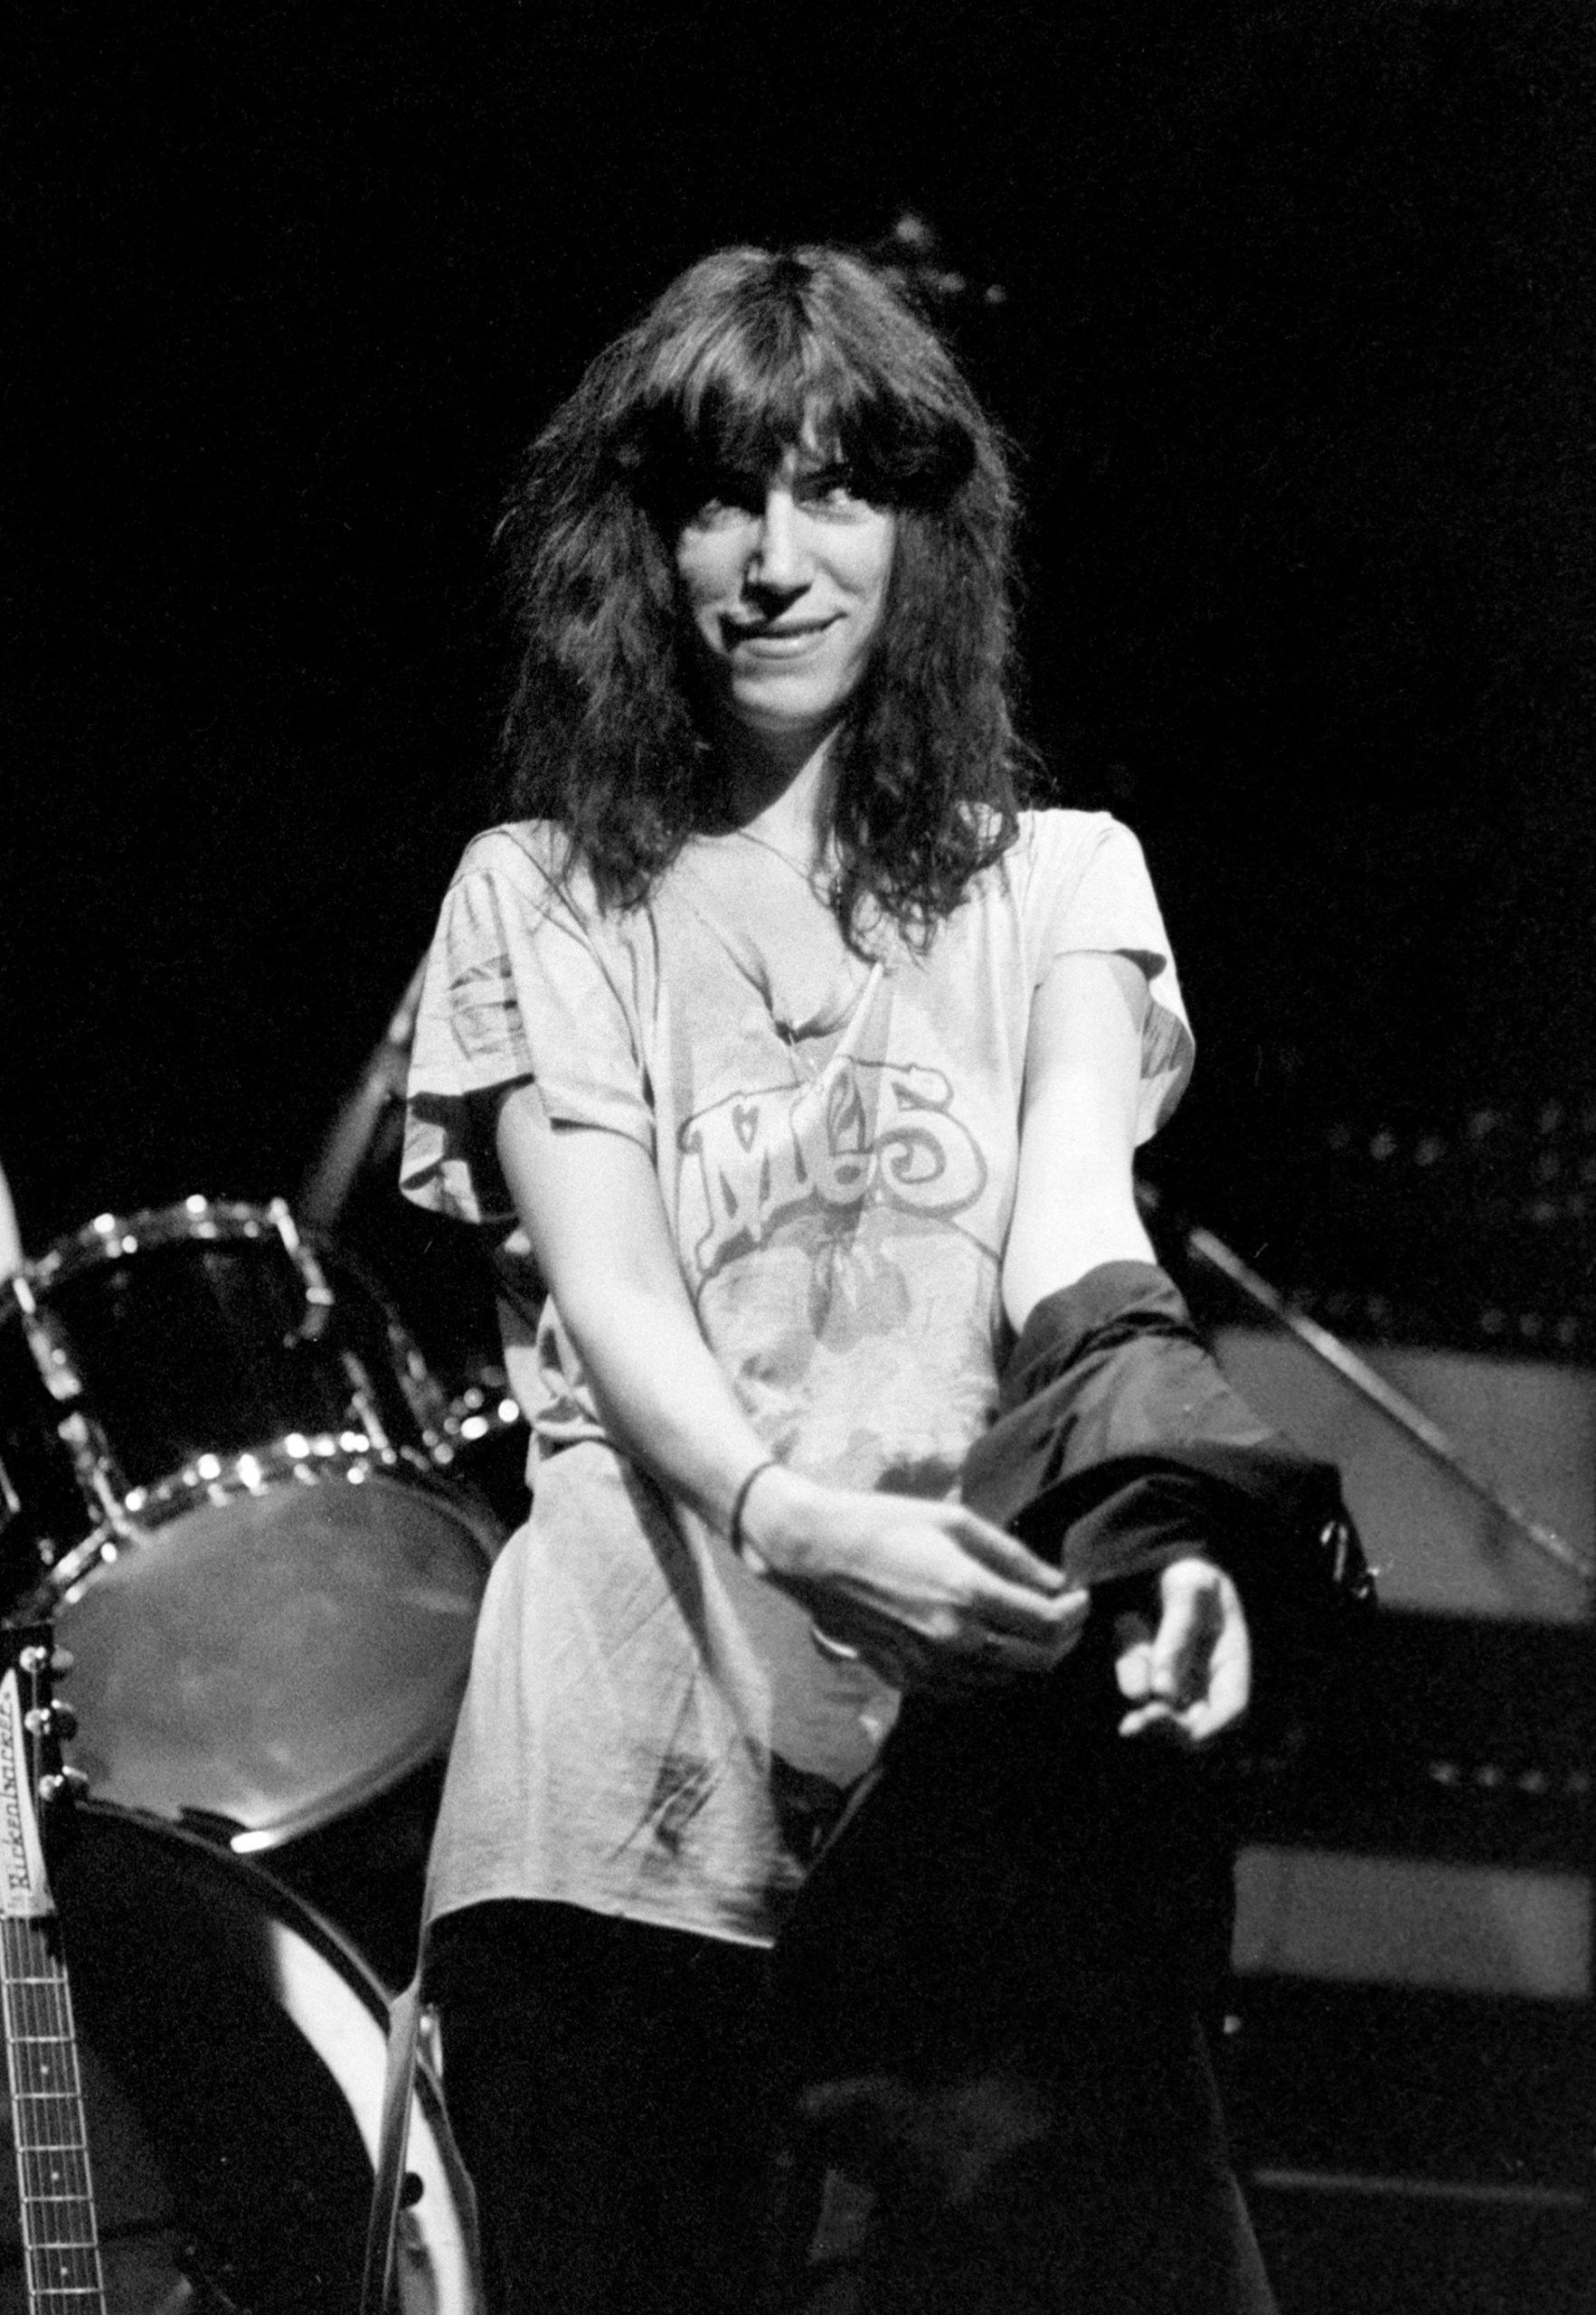 Патти Смит 1978 году на концерте. Фото: legion-media.ru